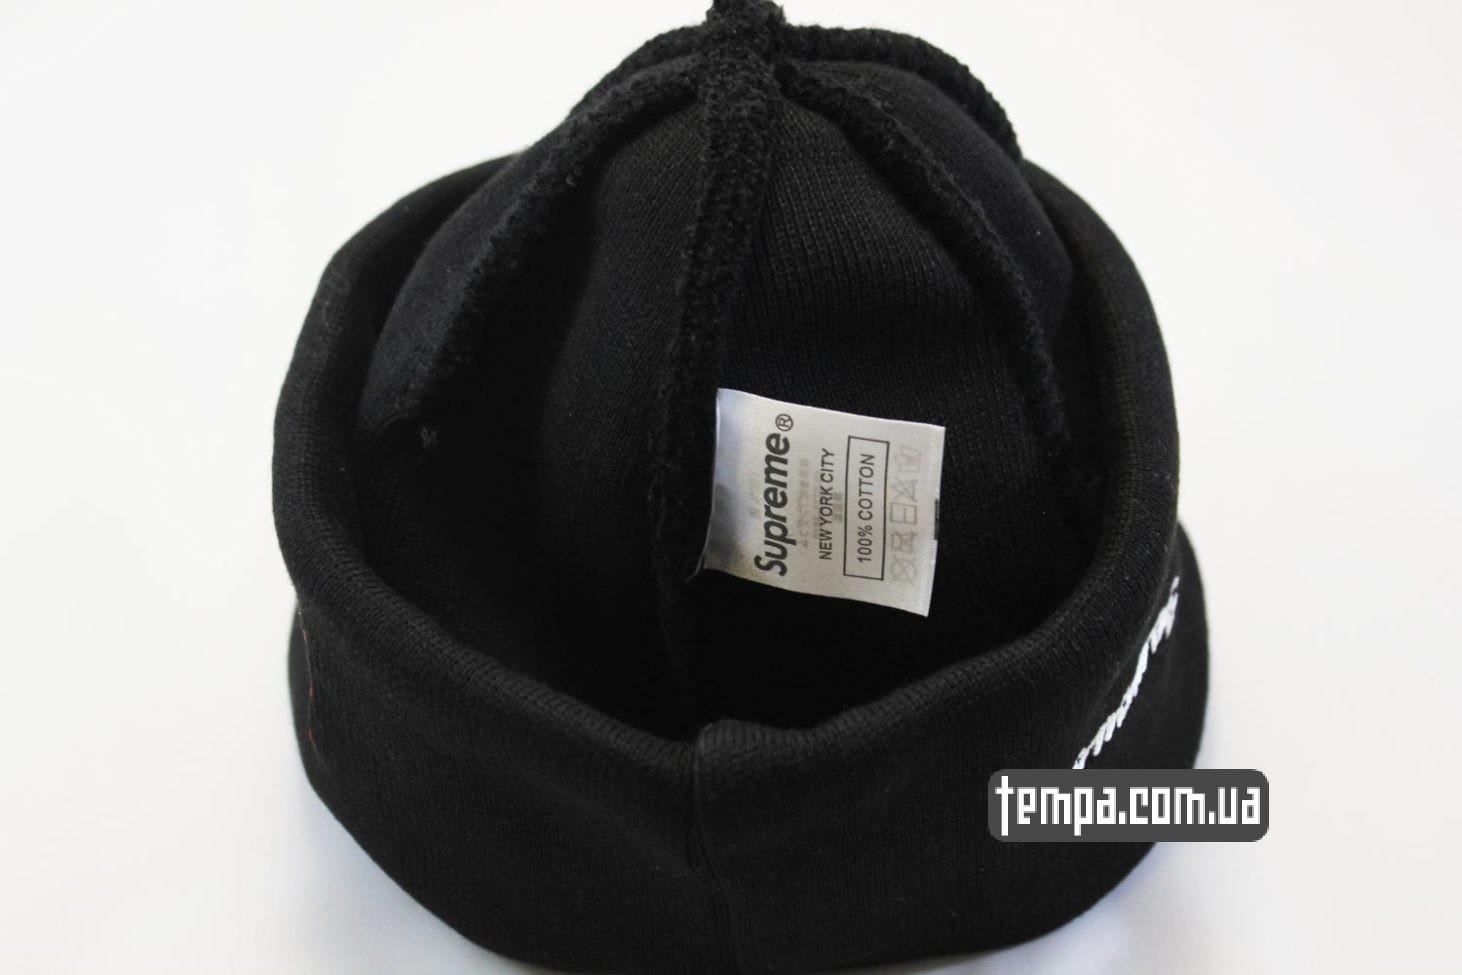 коттоновая шерстягая шапка beanie SUPREME Black черная суприм Украина